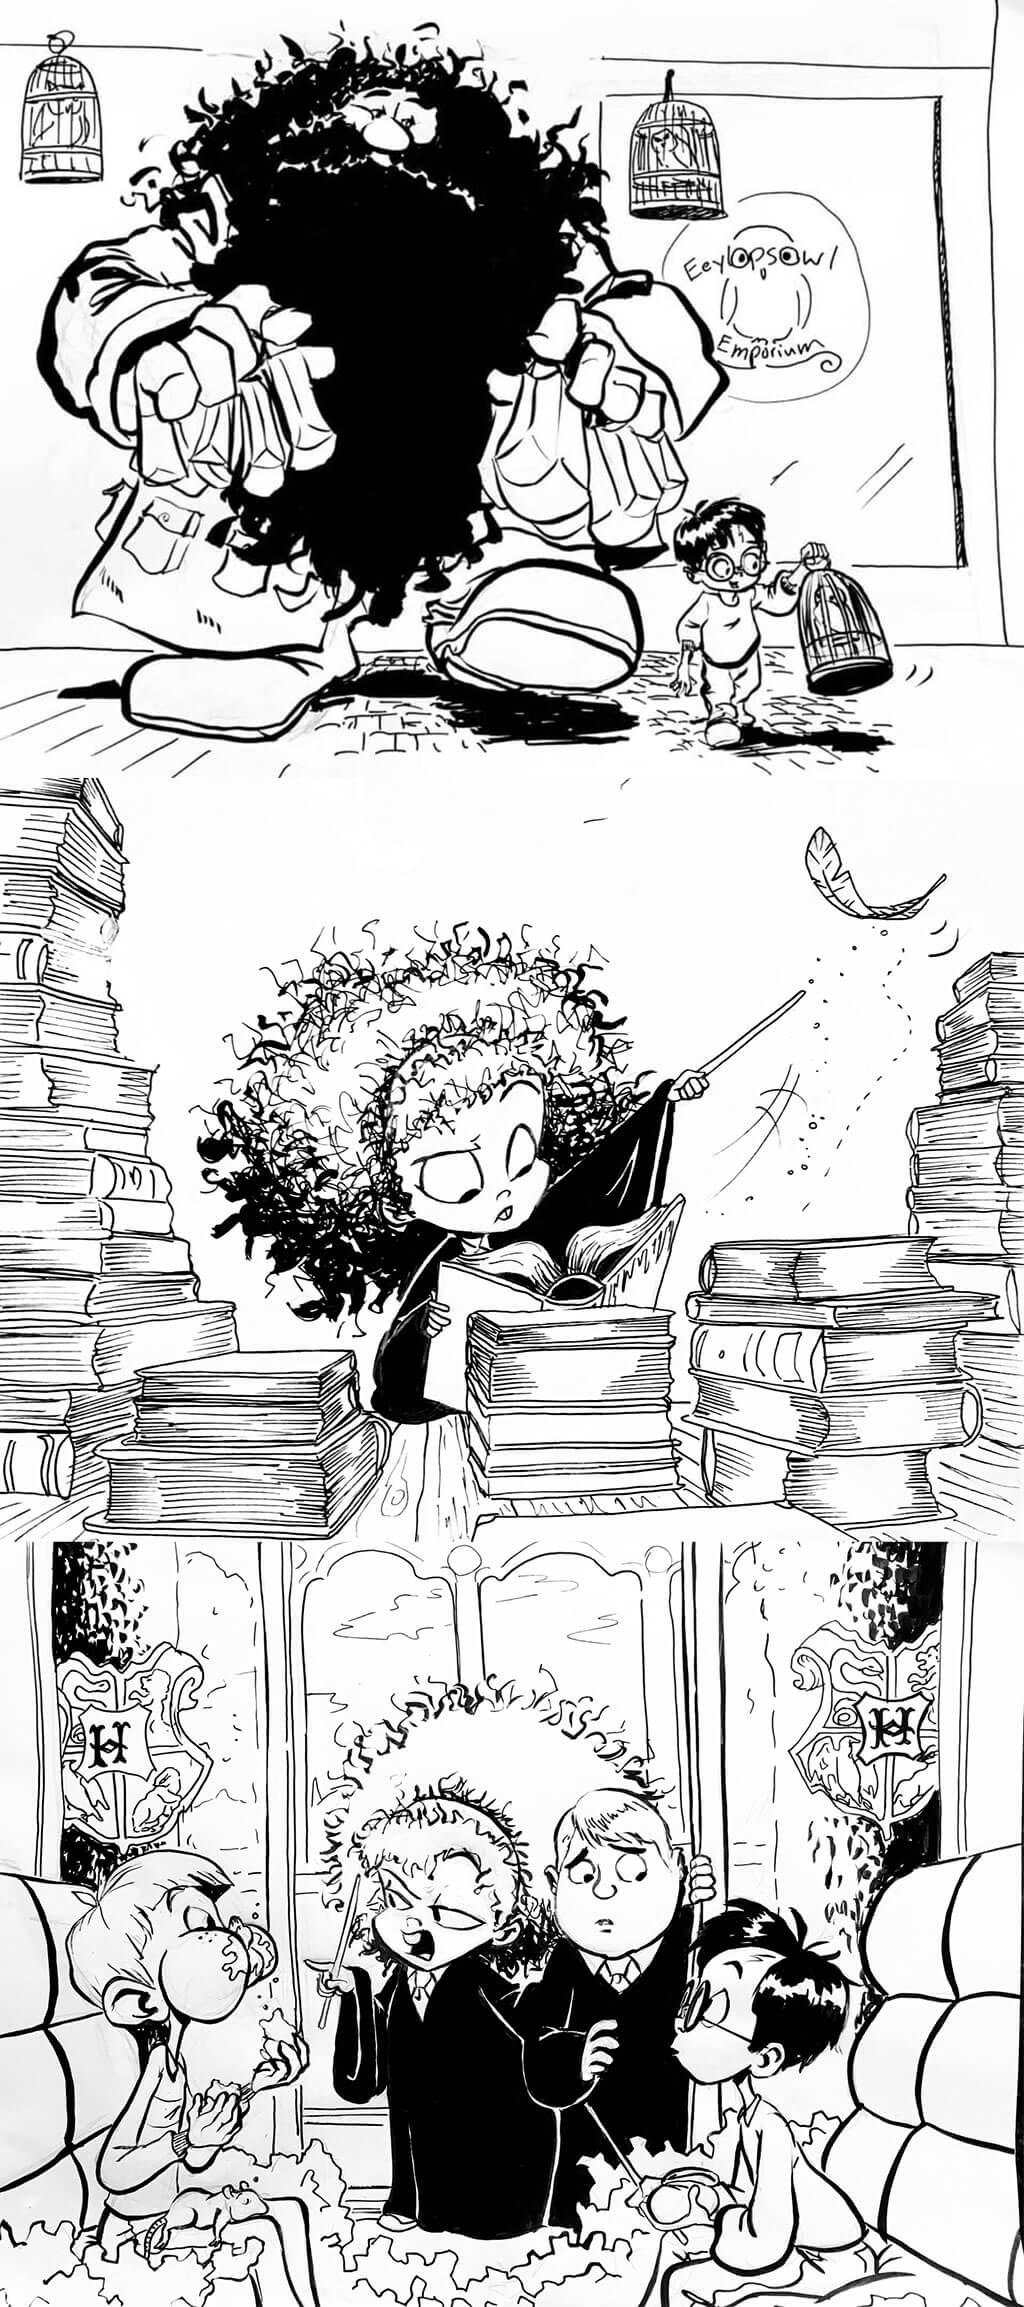 Harry Potter Fan Art by James Bourne